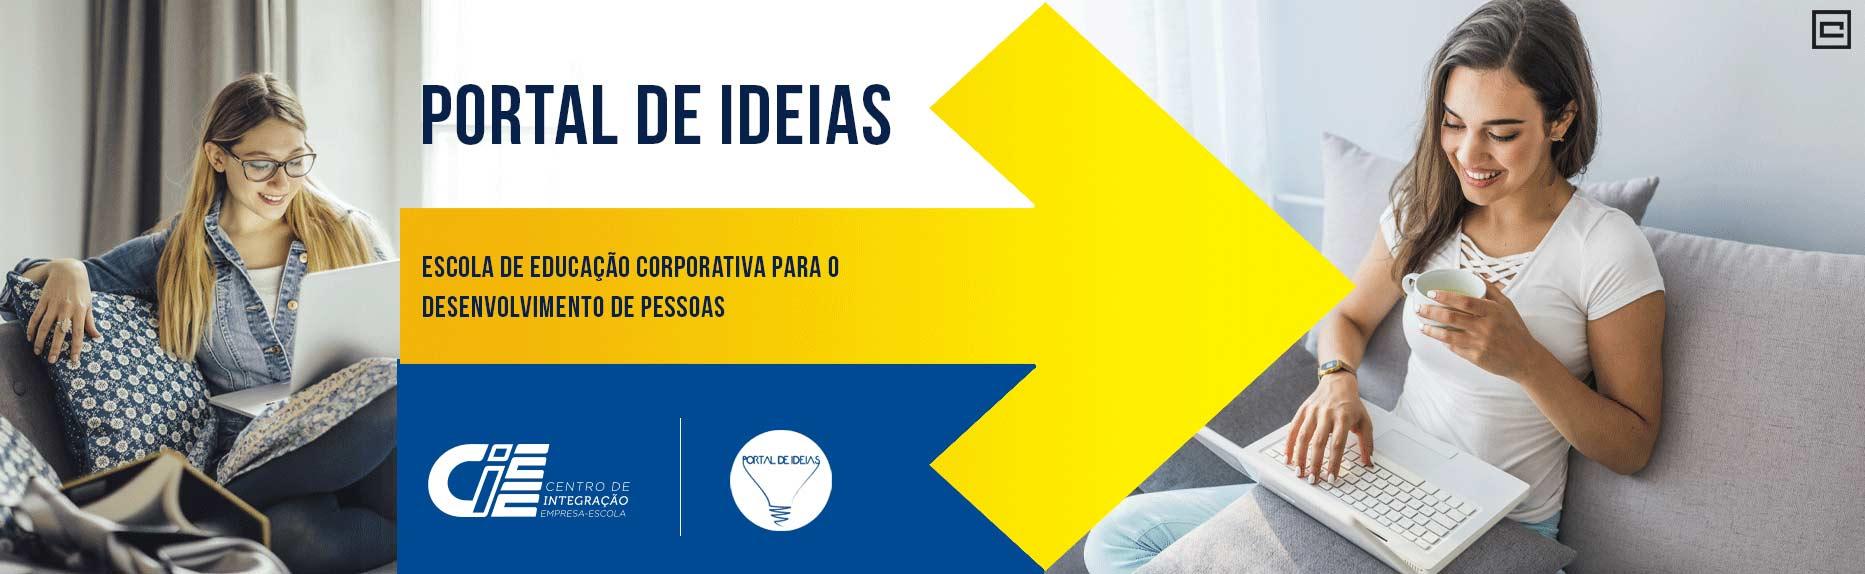 Portal de ideias - Escola de educação corporativa para o desenvolvimento de pessoas